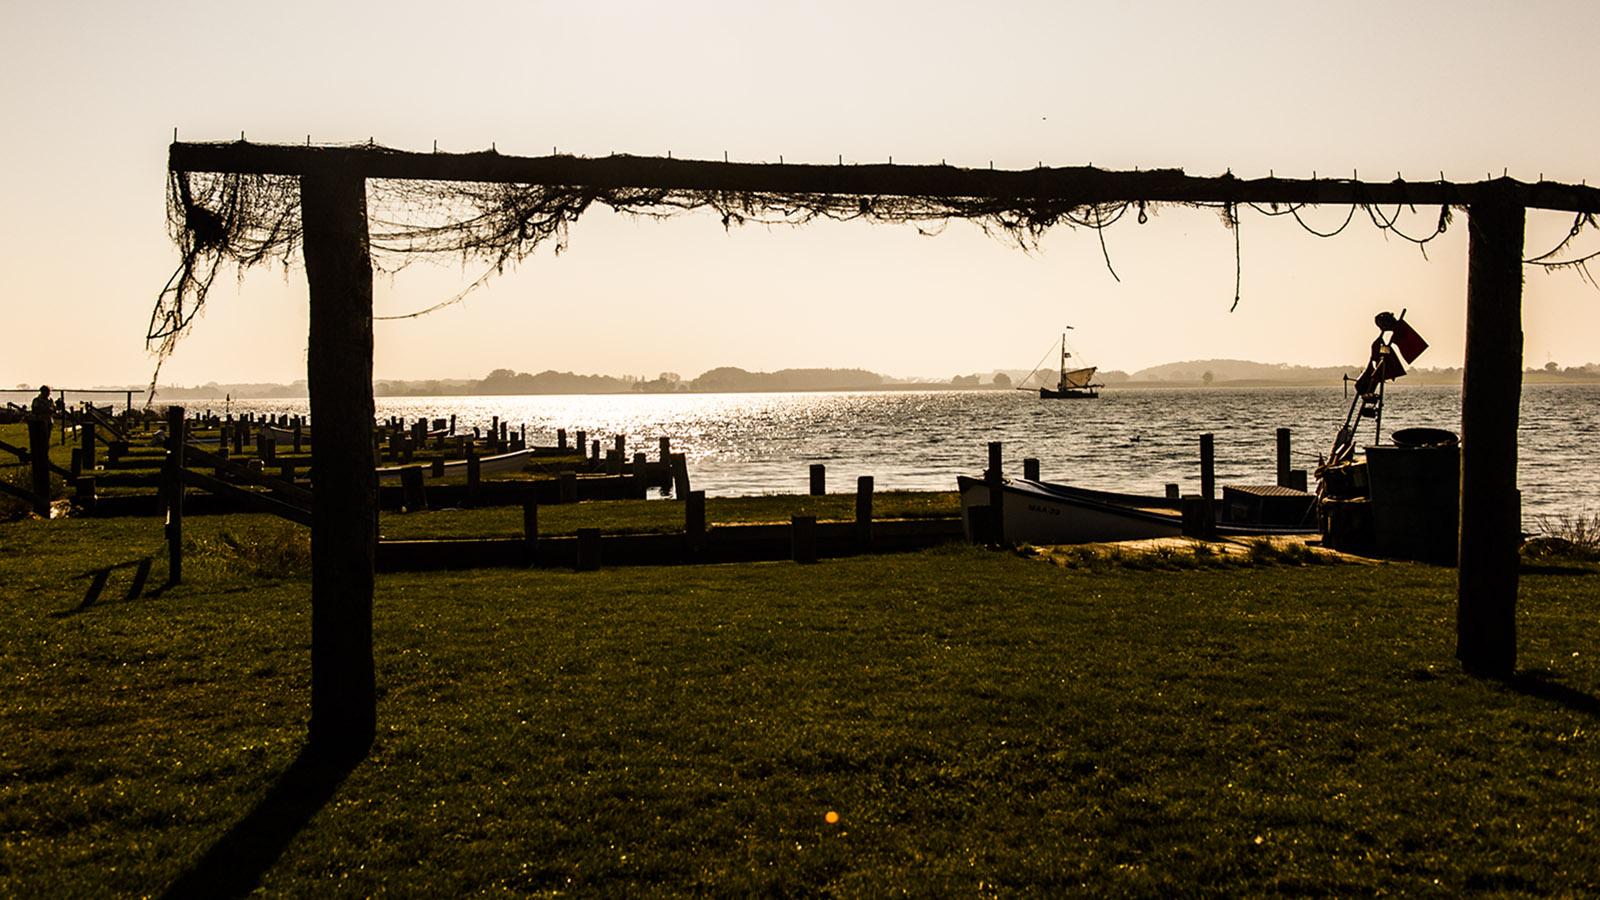 Direkt an der Uferpromenade von Maasholm werden wie einst auch noch noch heute die Netze der Fischer getrocknet. Foto: Hilke Maunder